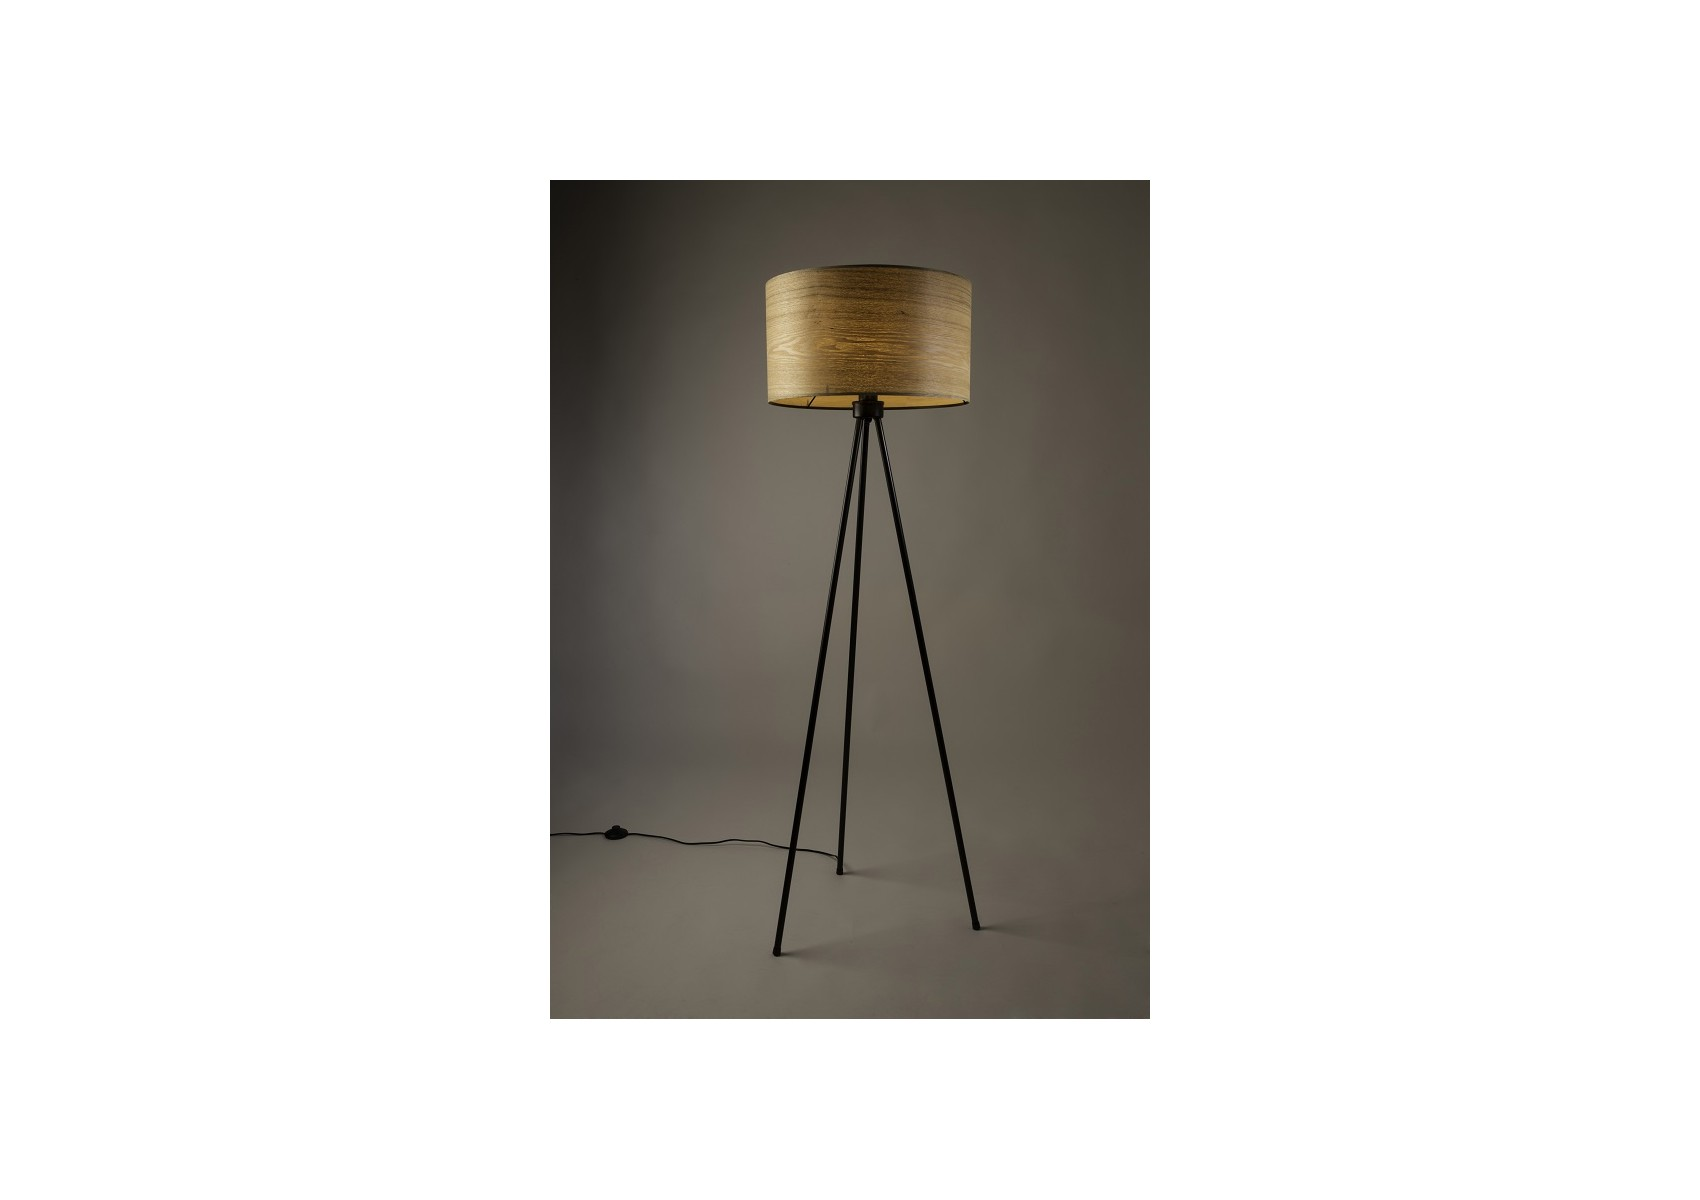 lampadaire en bois de la collection woodland de chez ducth bone. Black Bedroom Furniture Sets. Home Design Ideas